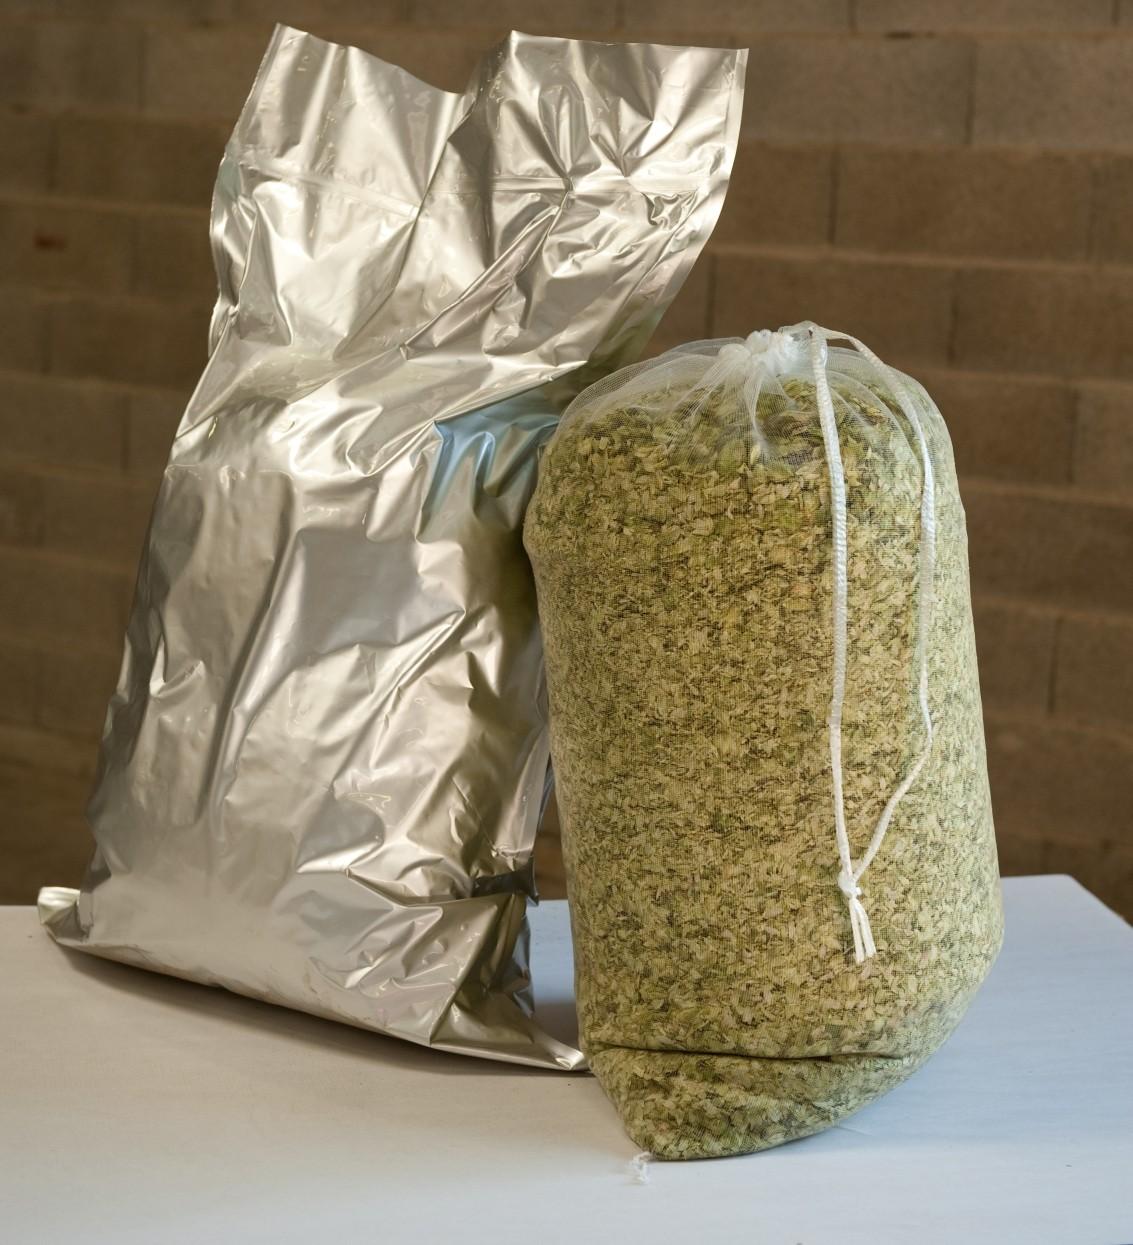 Sacs à houblonner - filets Brewnets